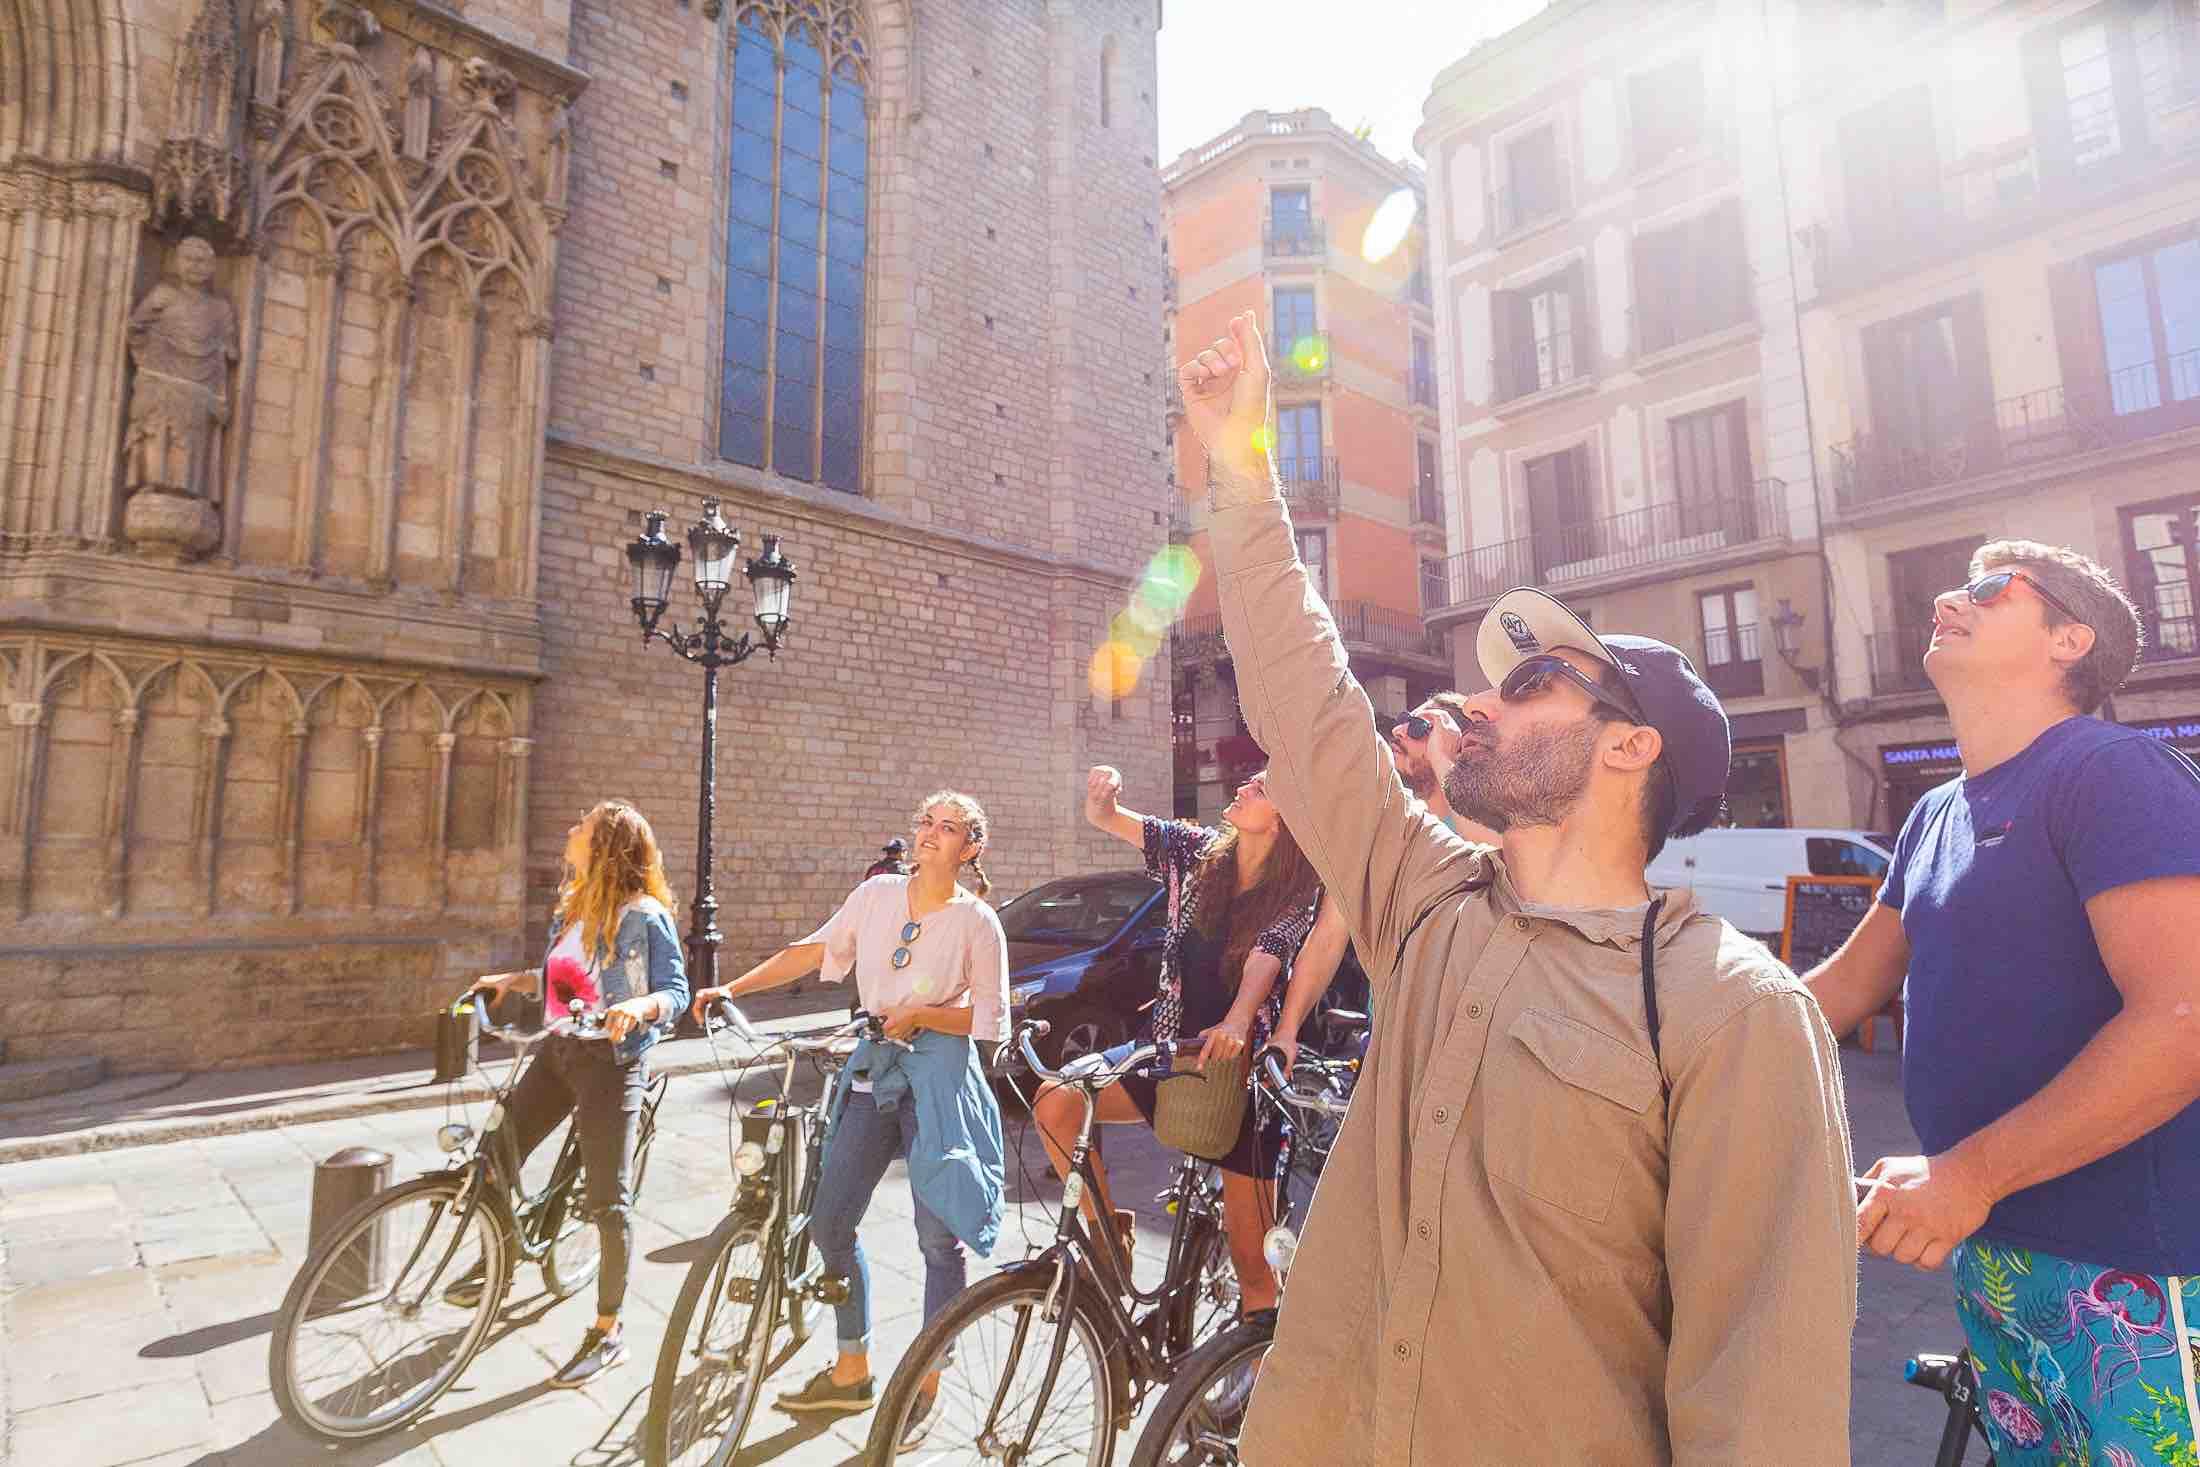 Tourists on a Steel Donkey Barcelona bike tour